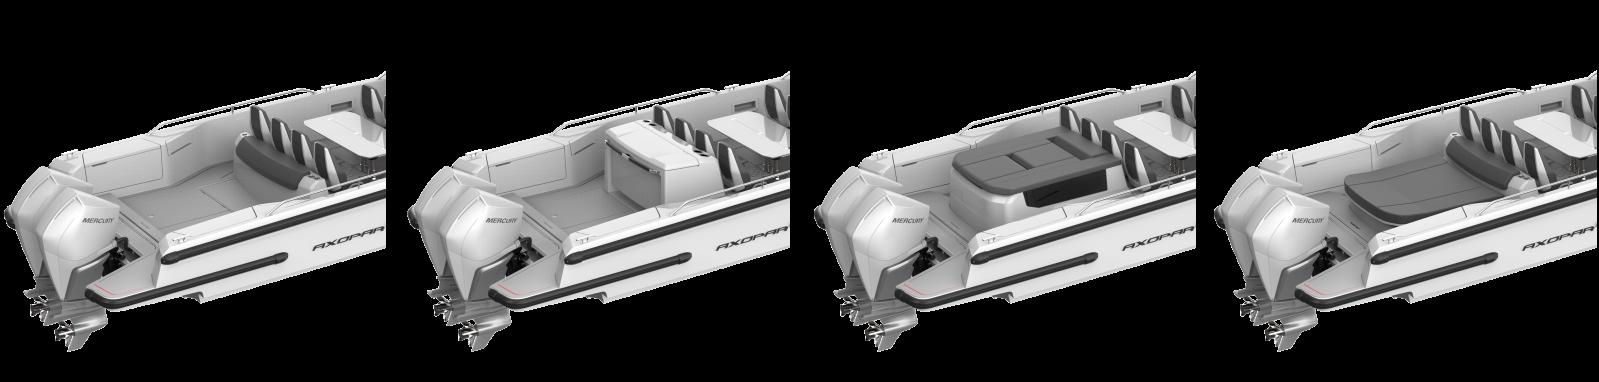 Варианты комплектации кормовой палубы